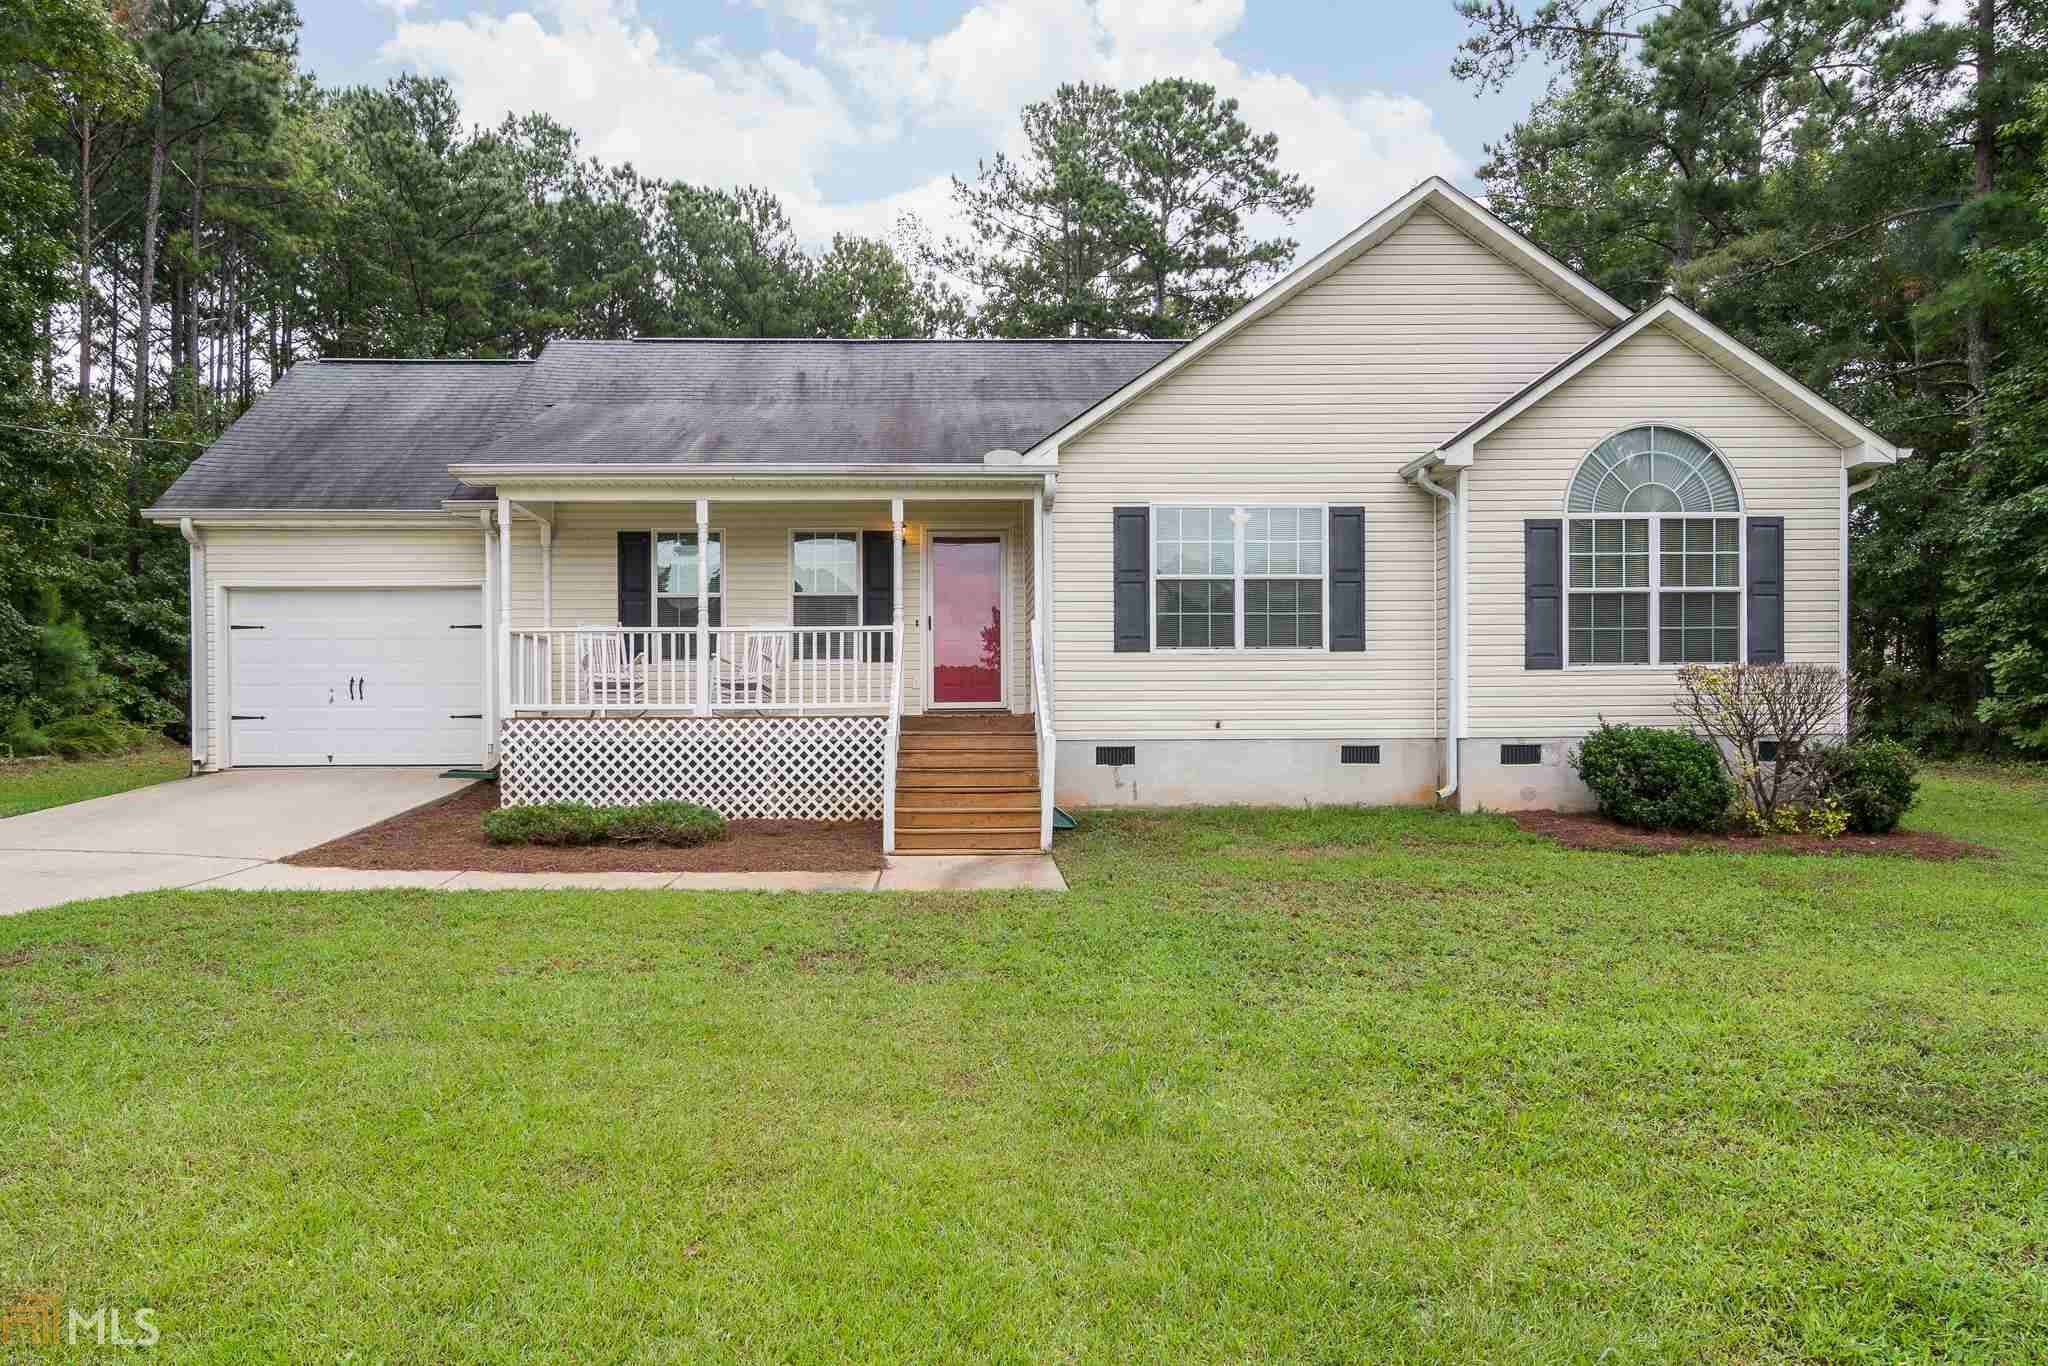 719 Floyd Rd Hampton Ga Mls 8448479 Atlanta Georgia Homes For